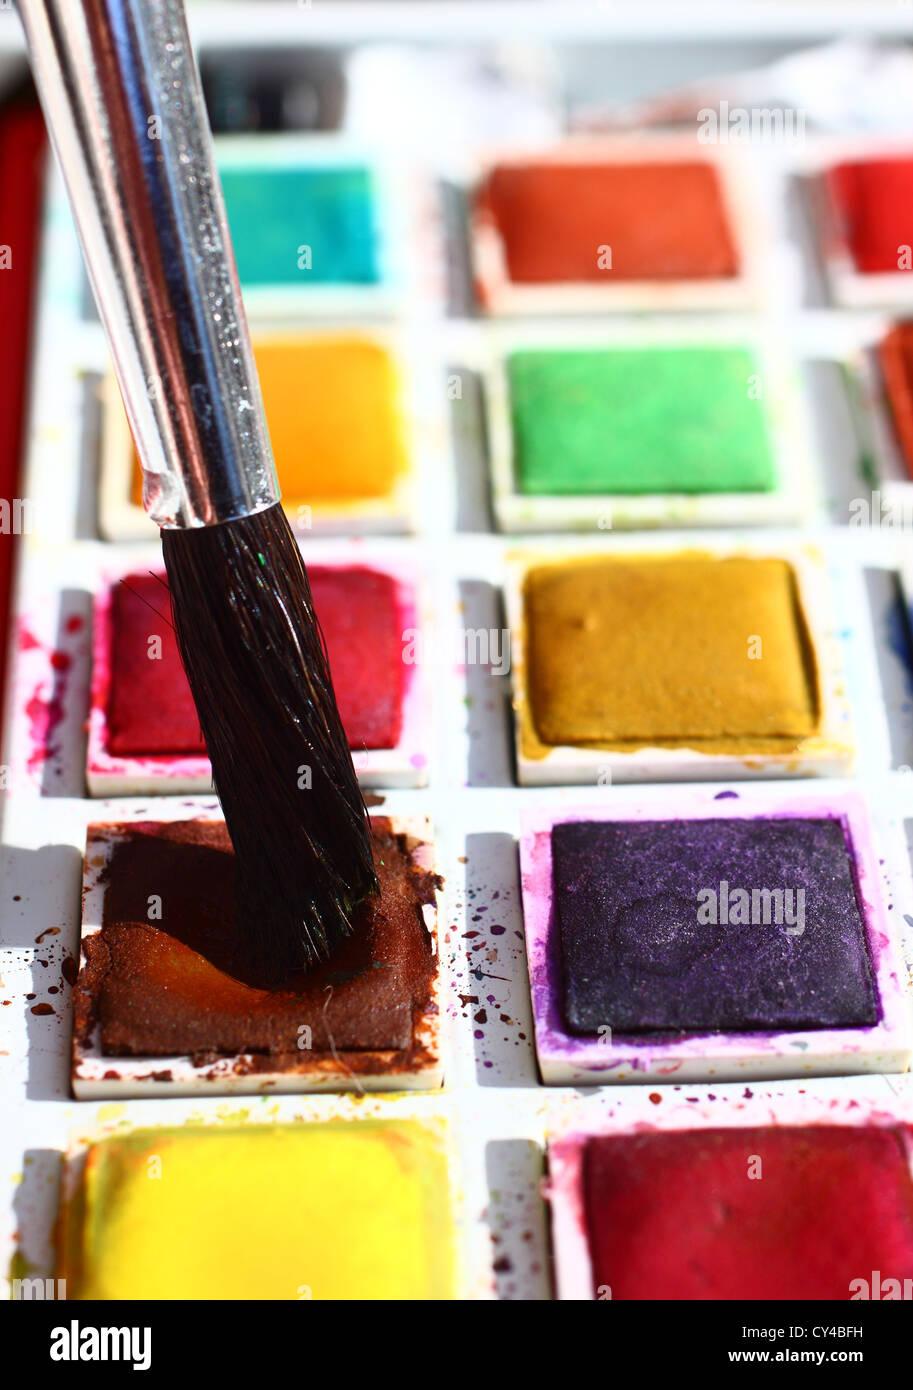 Artisti Pallette di vernice Immagini Stock